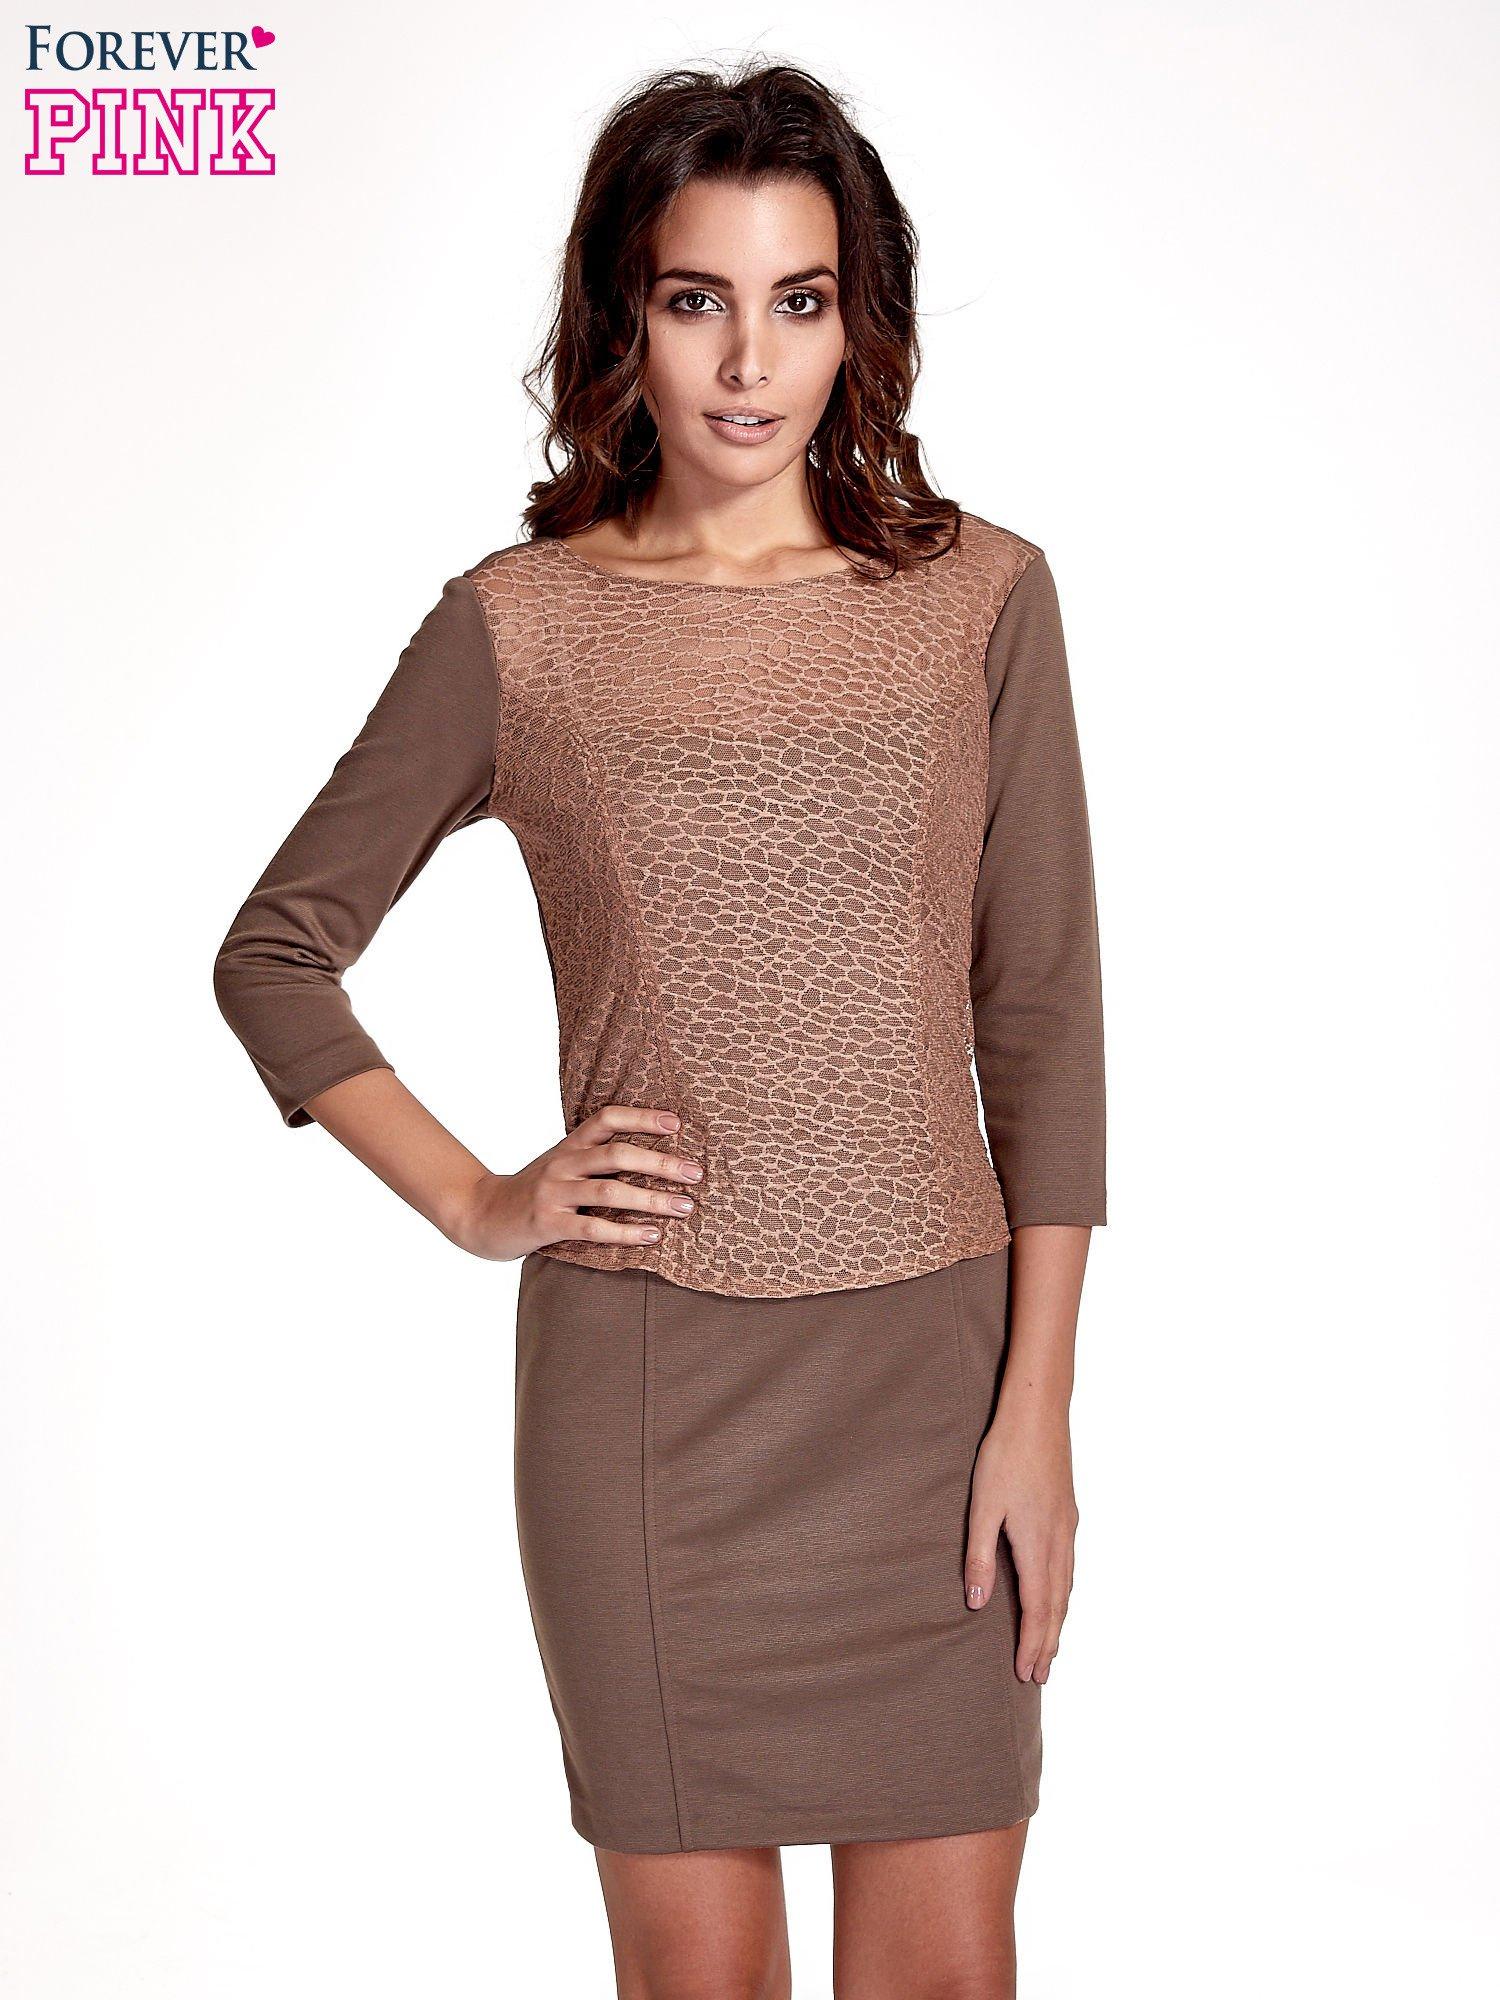 Brązowa dopasowana sukienka z ażurowym wykończeniem                                  zdj.                                  1